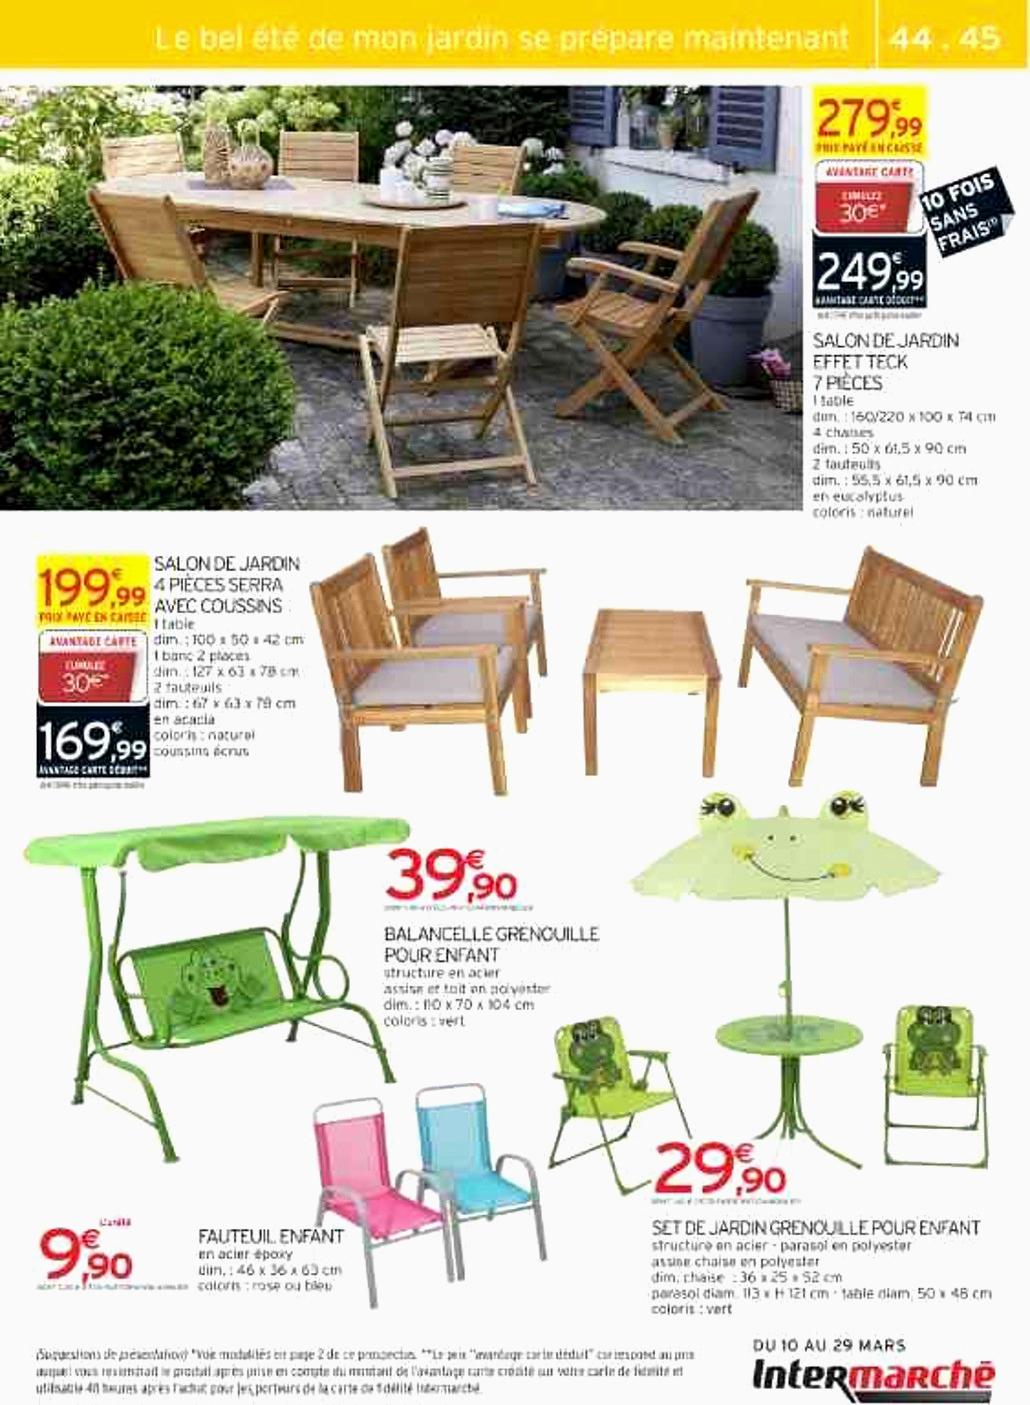 Location Materiel Pour Jardin Frais Salon De Jardin ... dedans Intermarché Salon De Jardin